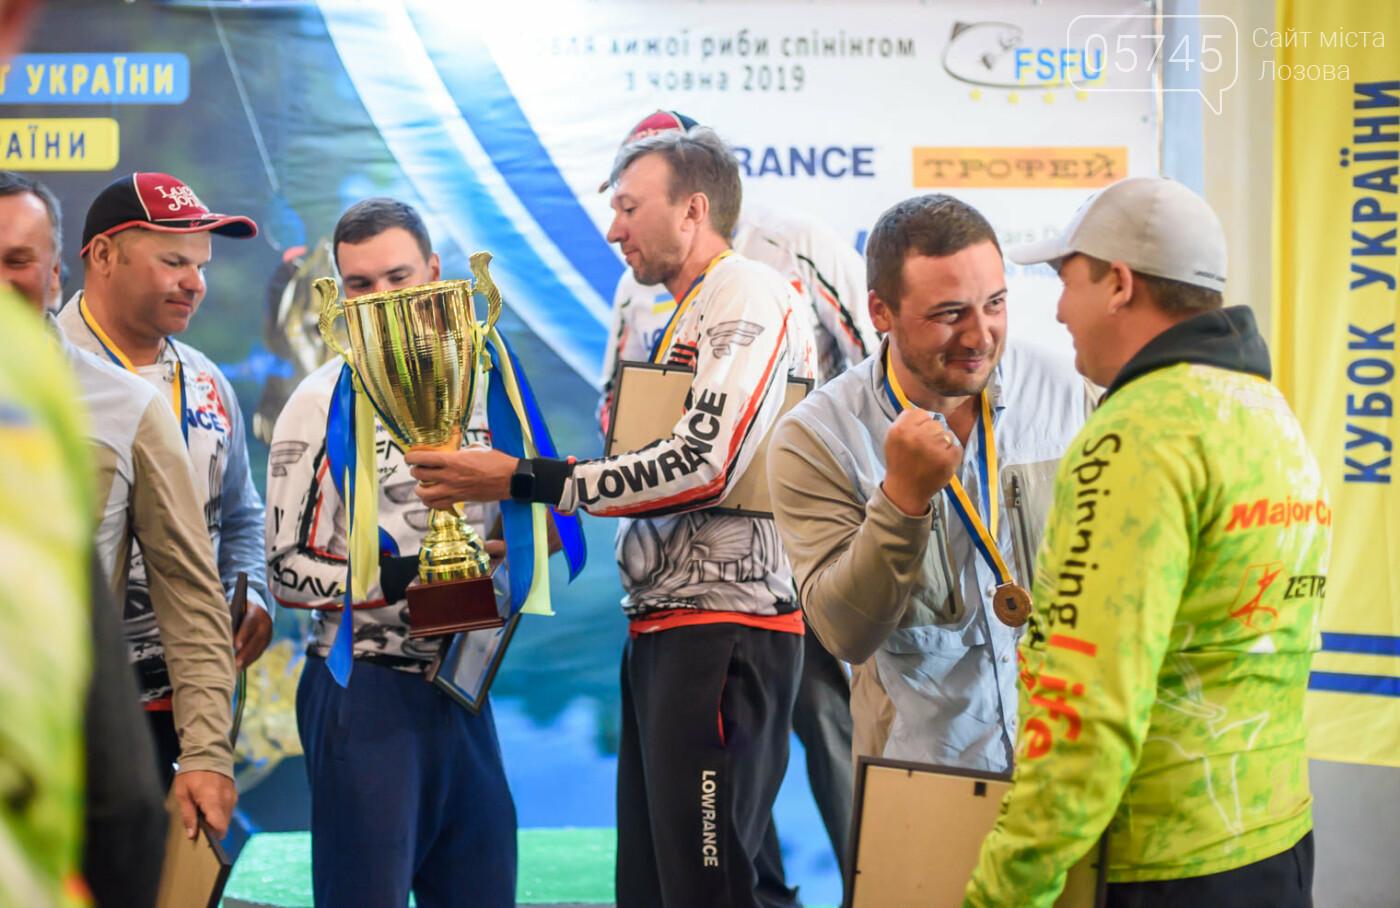 Рыболовы-спортсмены Лозовой заняли призовое место на Кубке Украины по ловле хищной рыбы, фото-4